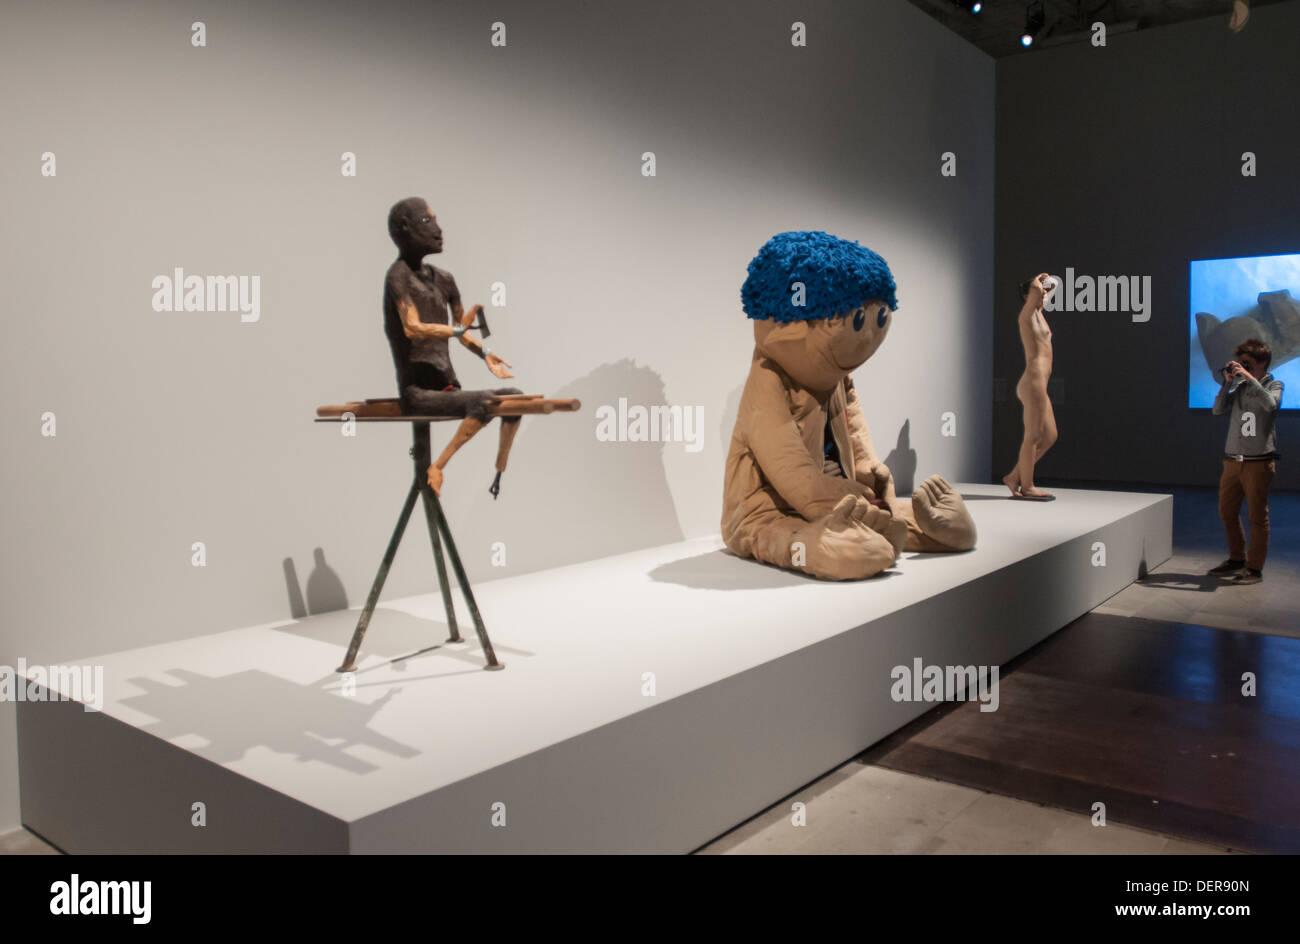 Venice Biennale 2013,' Palazzo enciclopedico' exhibition - Stock Image